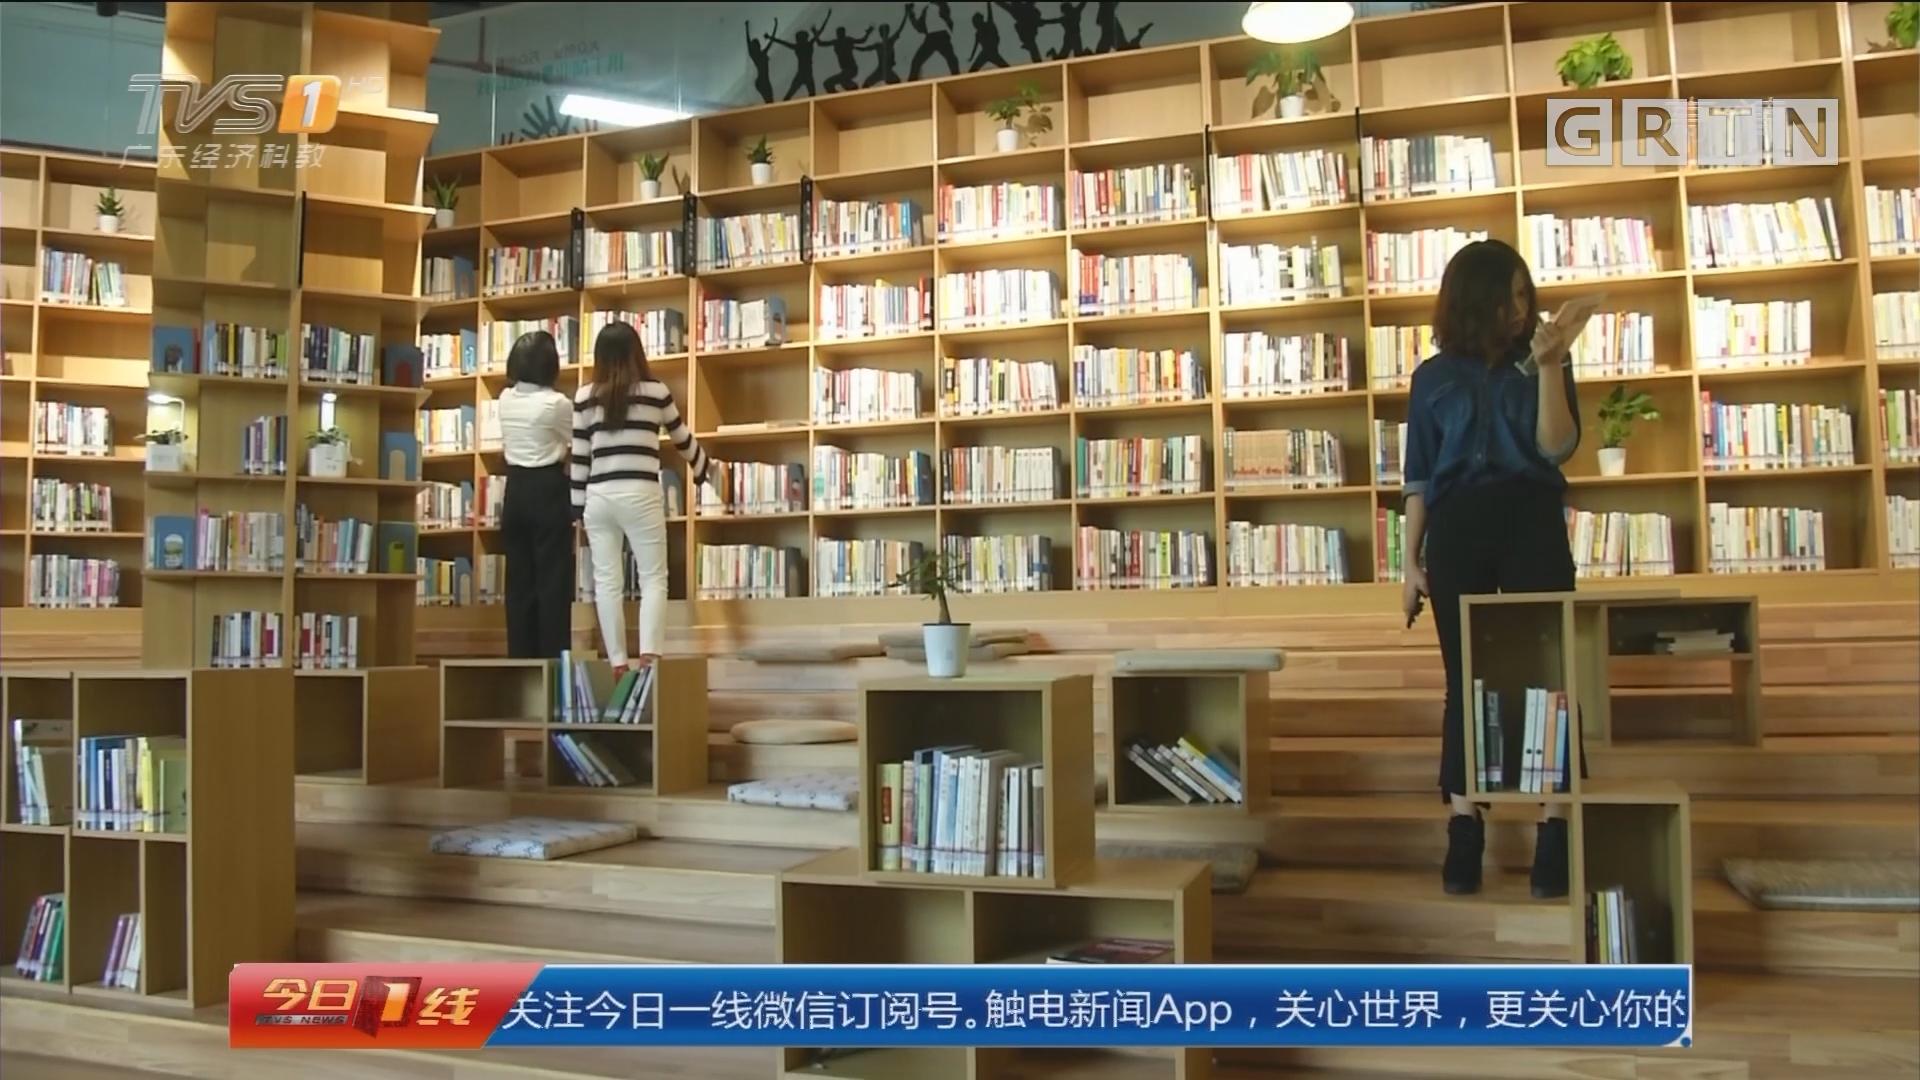 广州黄埔:24小时图书馆打造创新创业社区